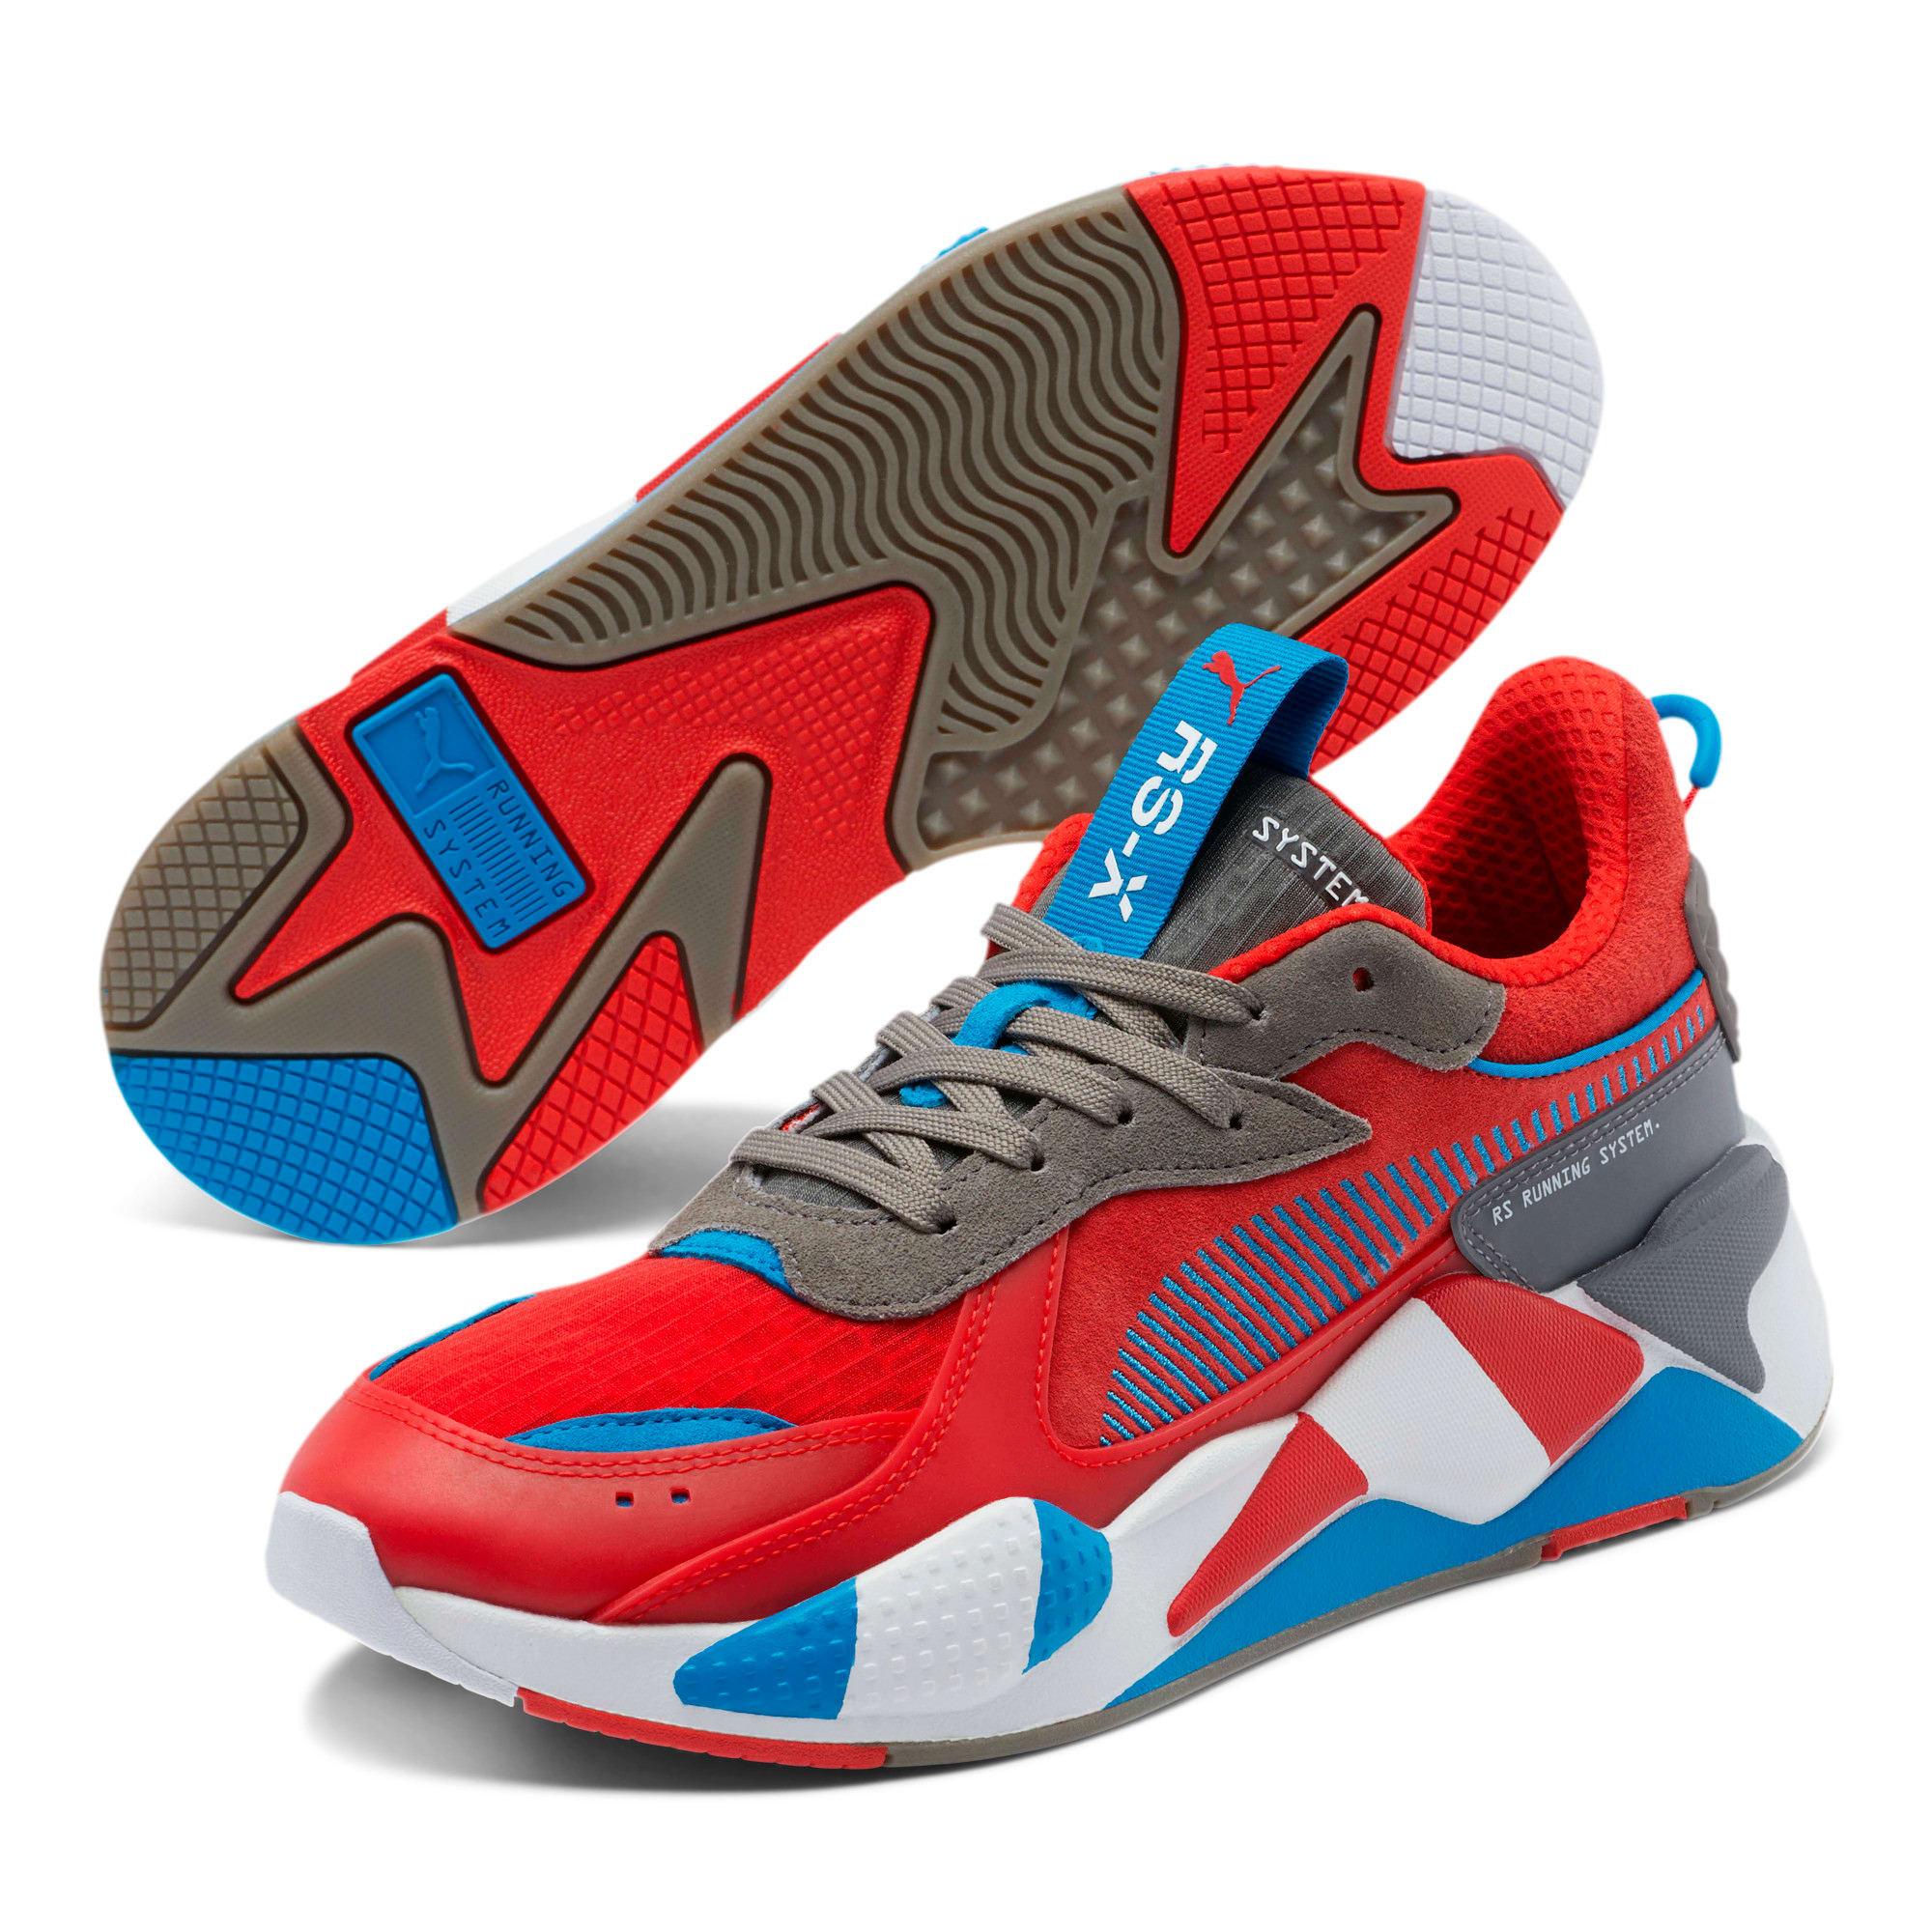 Miniatura 2 de Zapatos deportivos RS-X Retro, Red-Steel Gray-Indigo, mediano